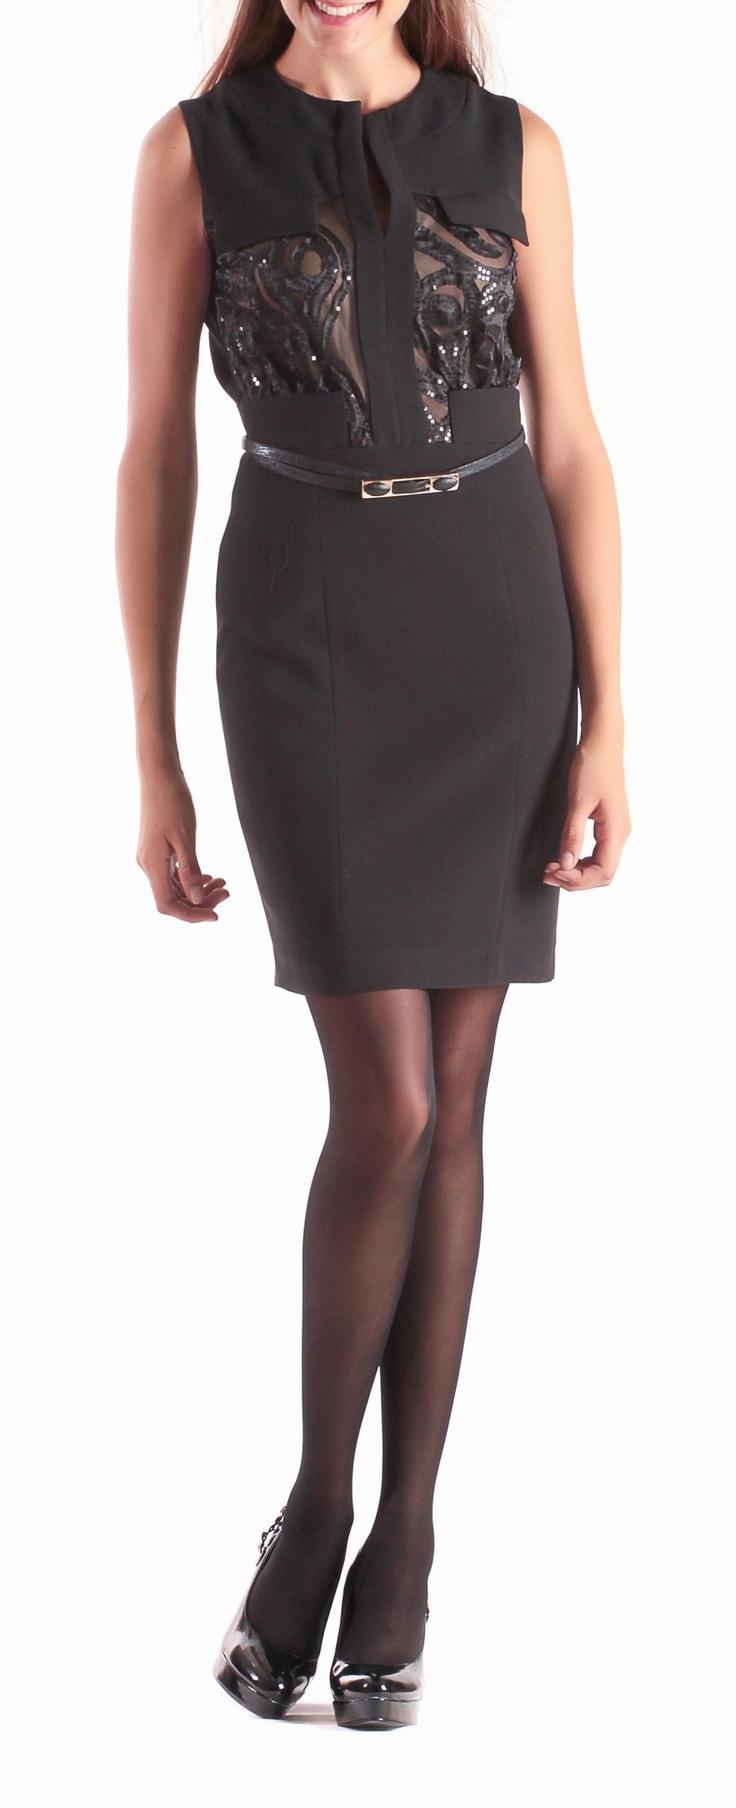 Dress by Fashion.gr